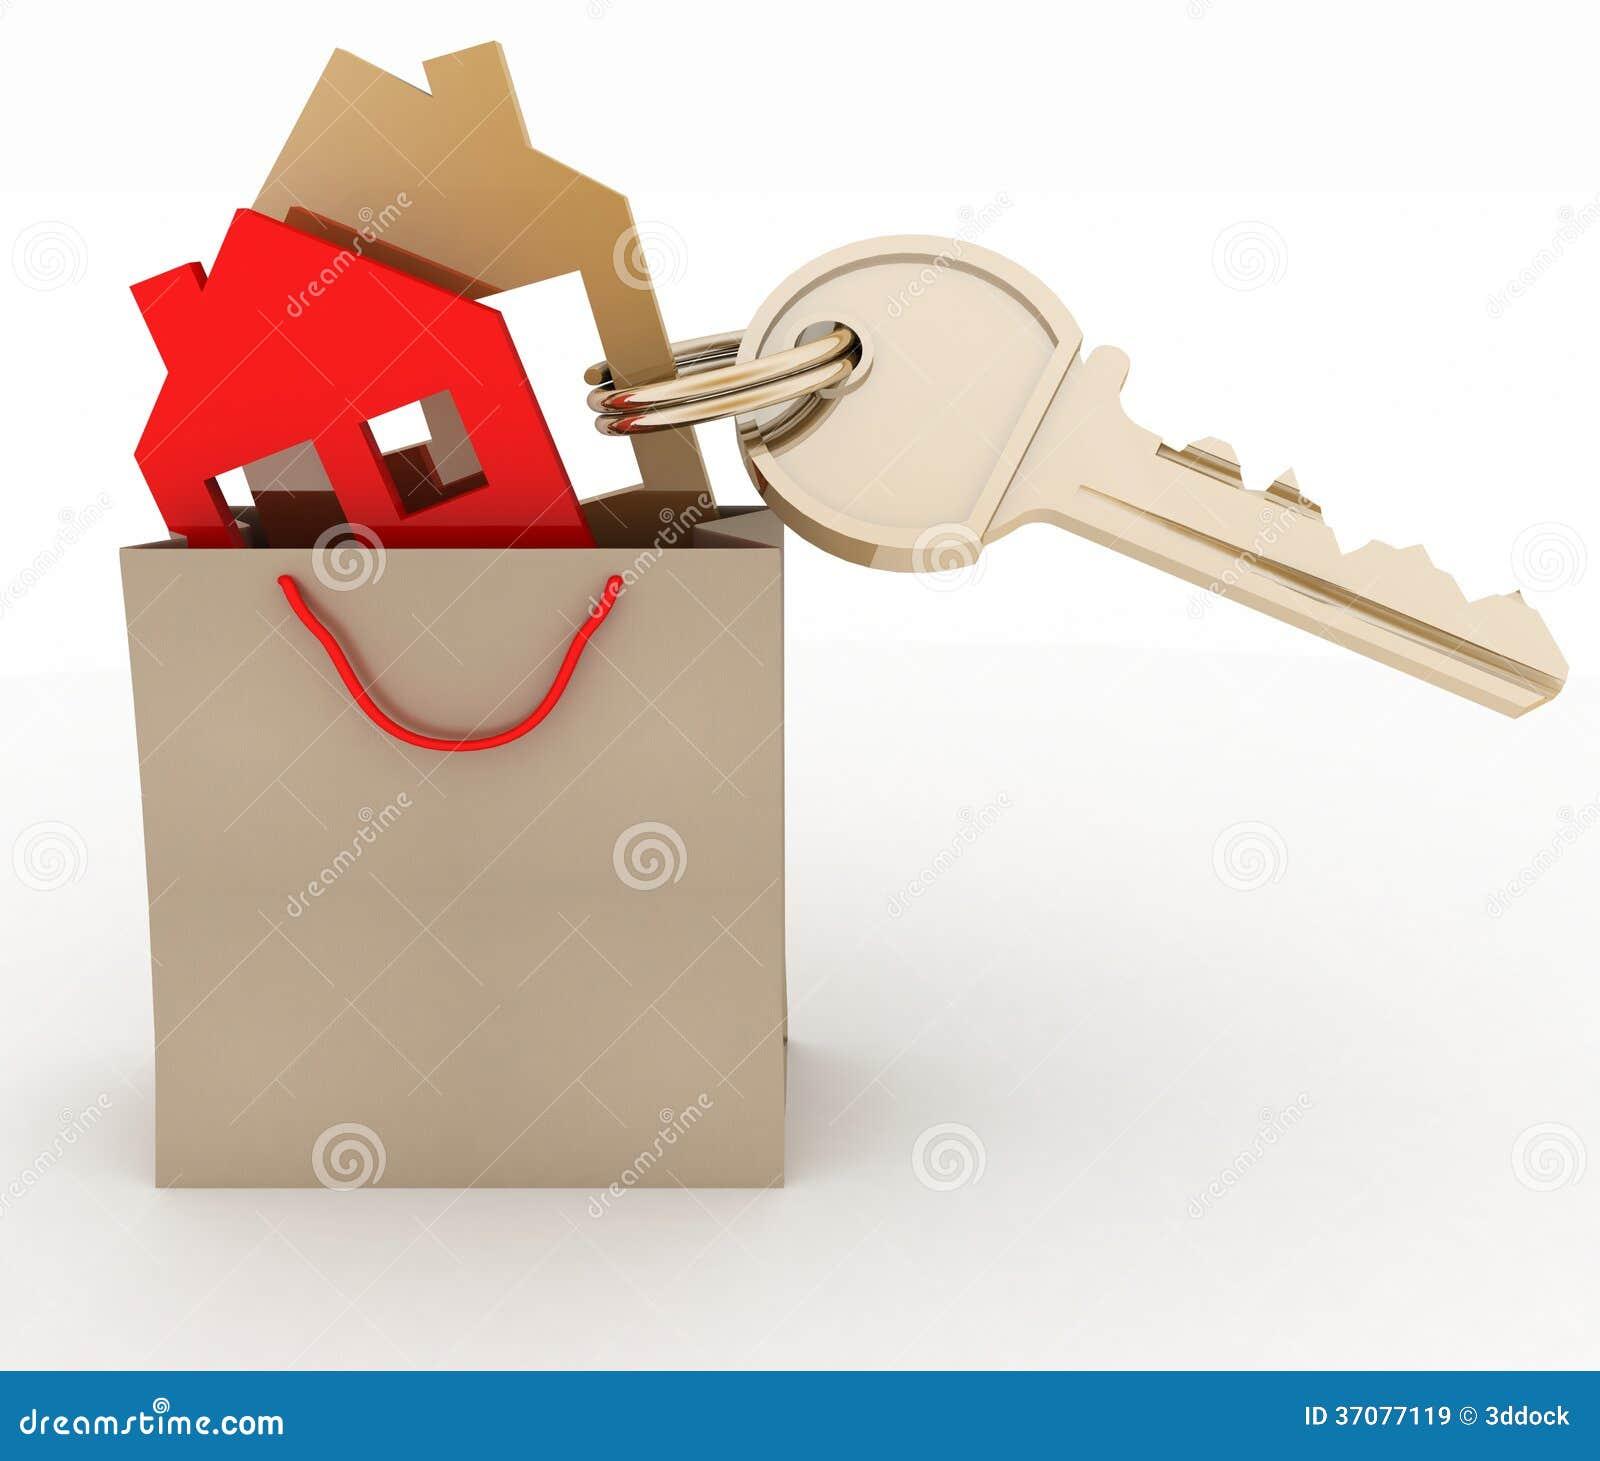 Download Domowy Symbol Ustawiający W Papierowym Torba Na Zakupy Ilustracji - Ilustracja złożonej z kredyt, wygoda: 37077119